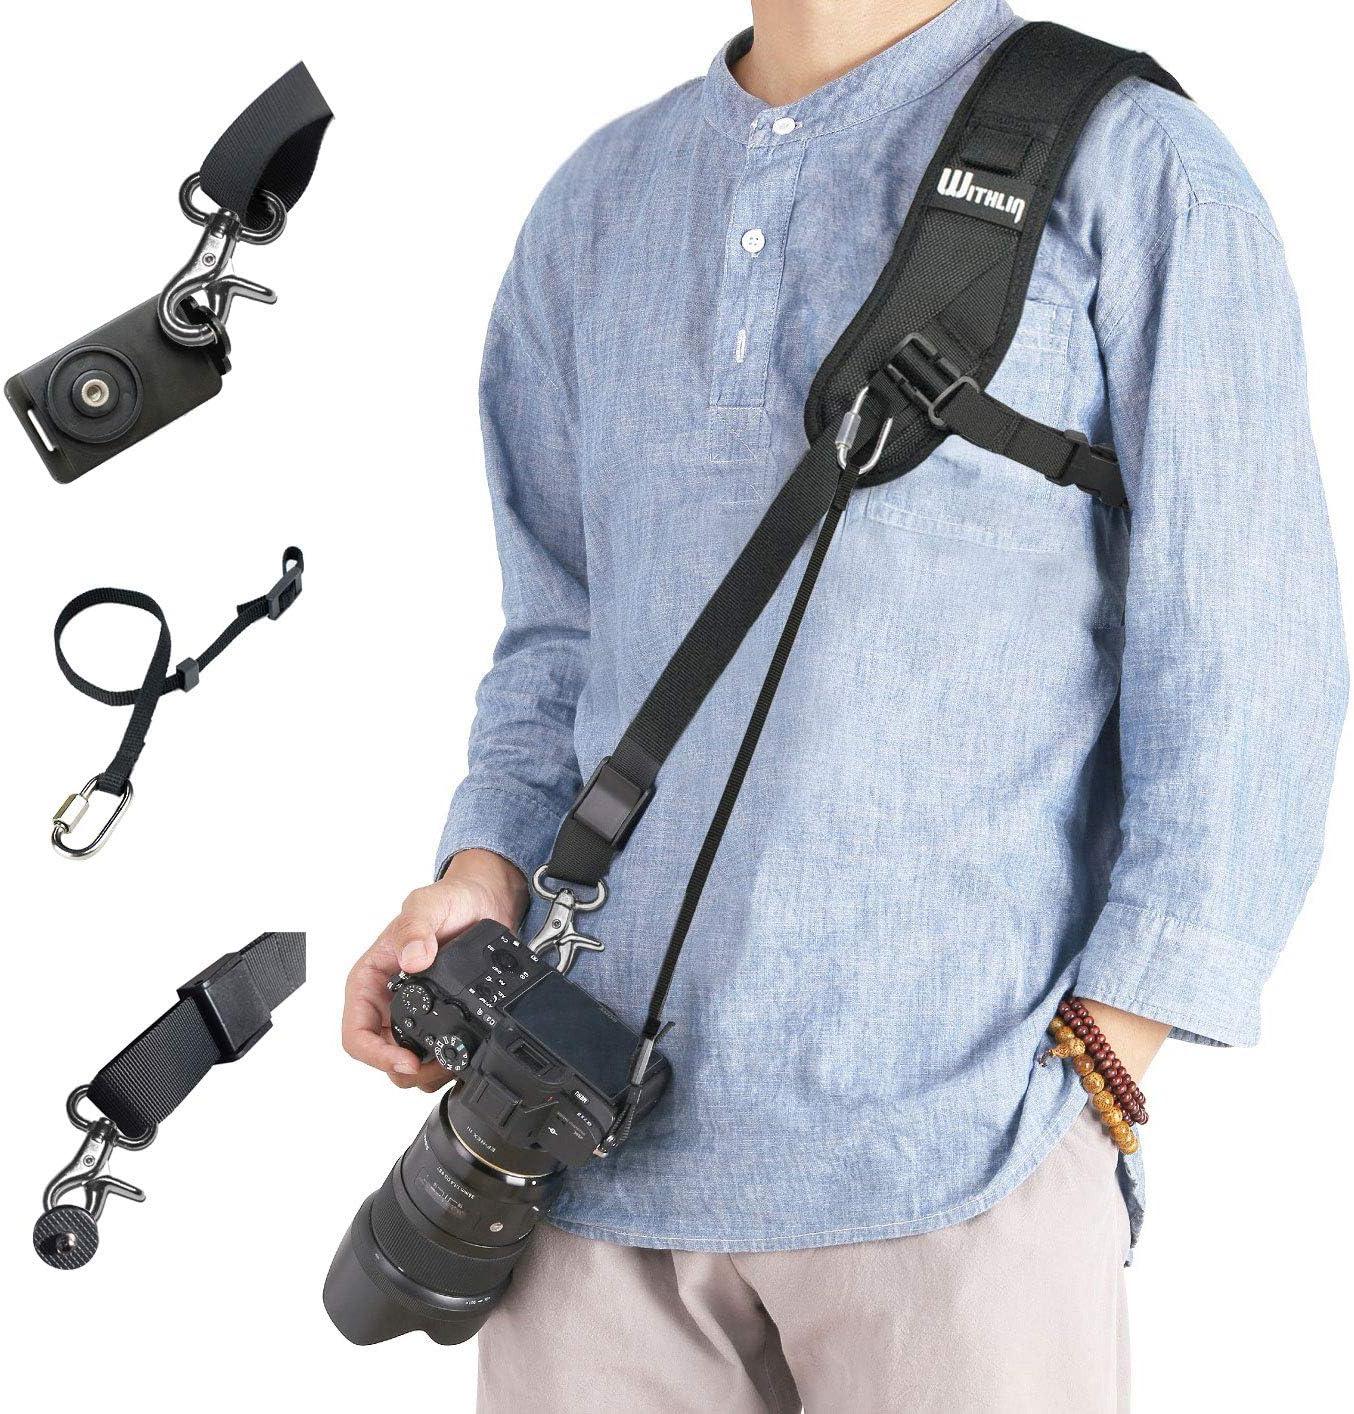 WITHLIN alargadas Profesional Set fotografía: Amazon.es: Electrónica